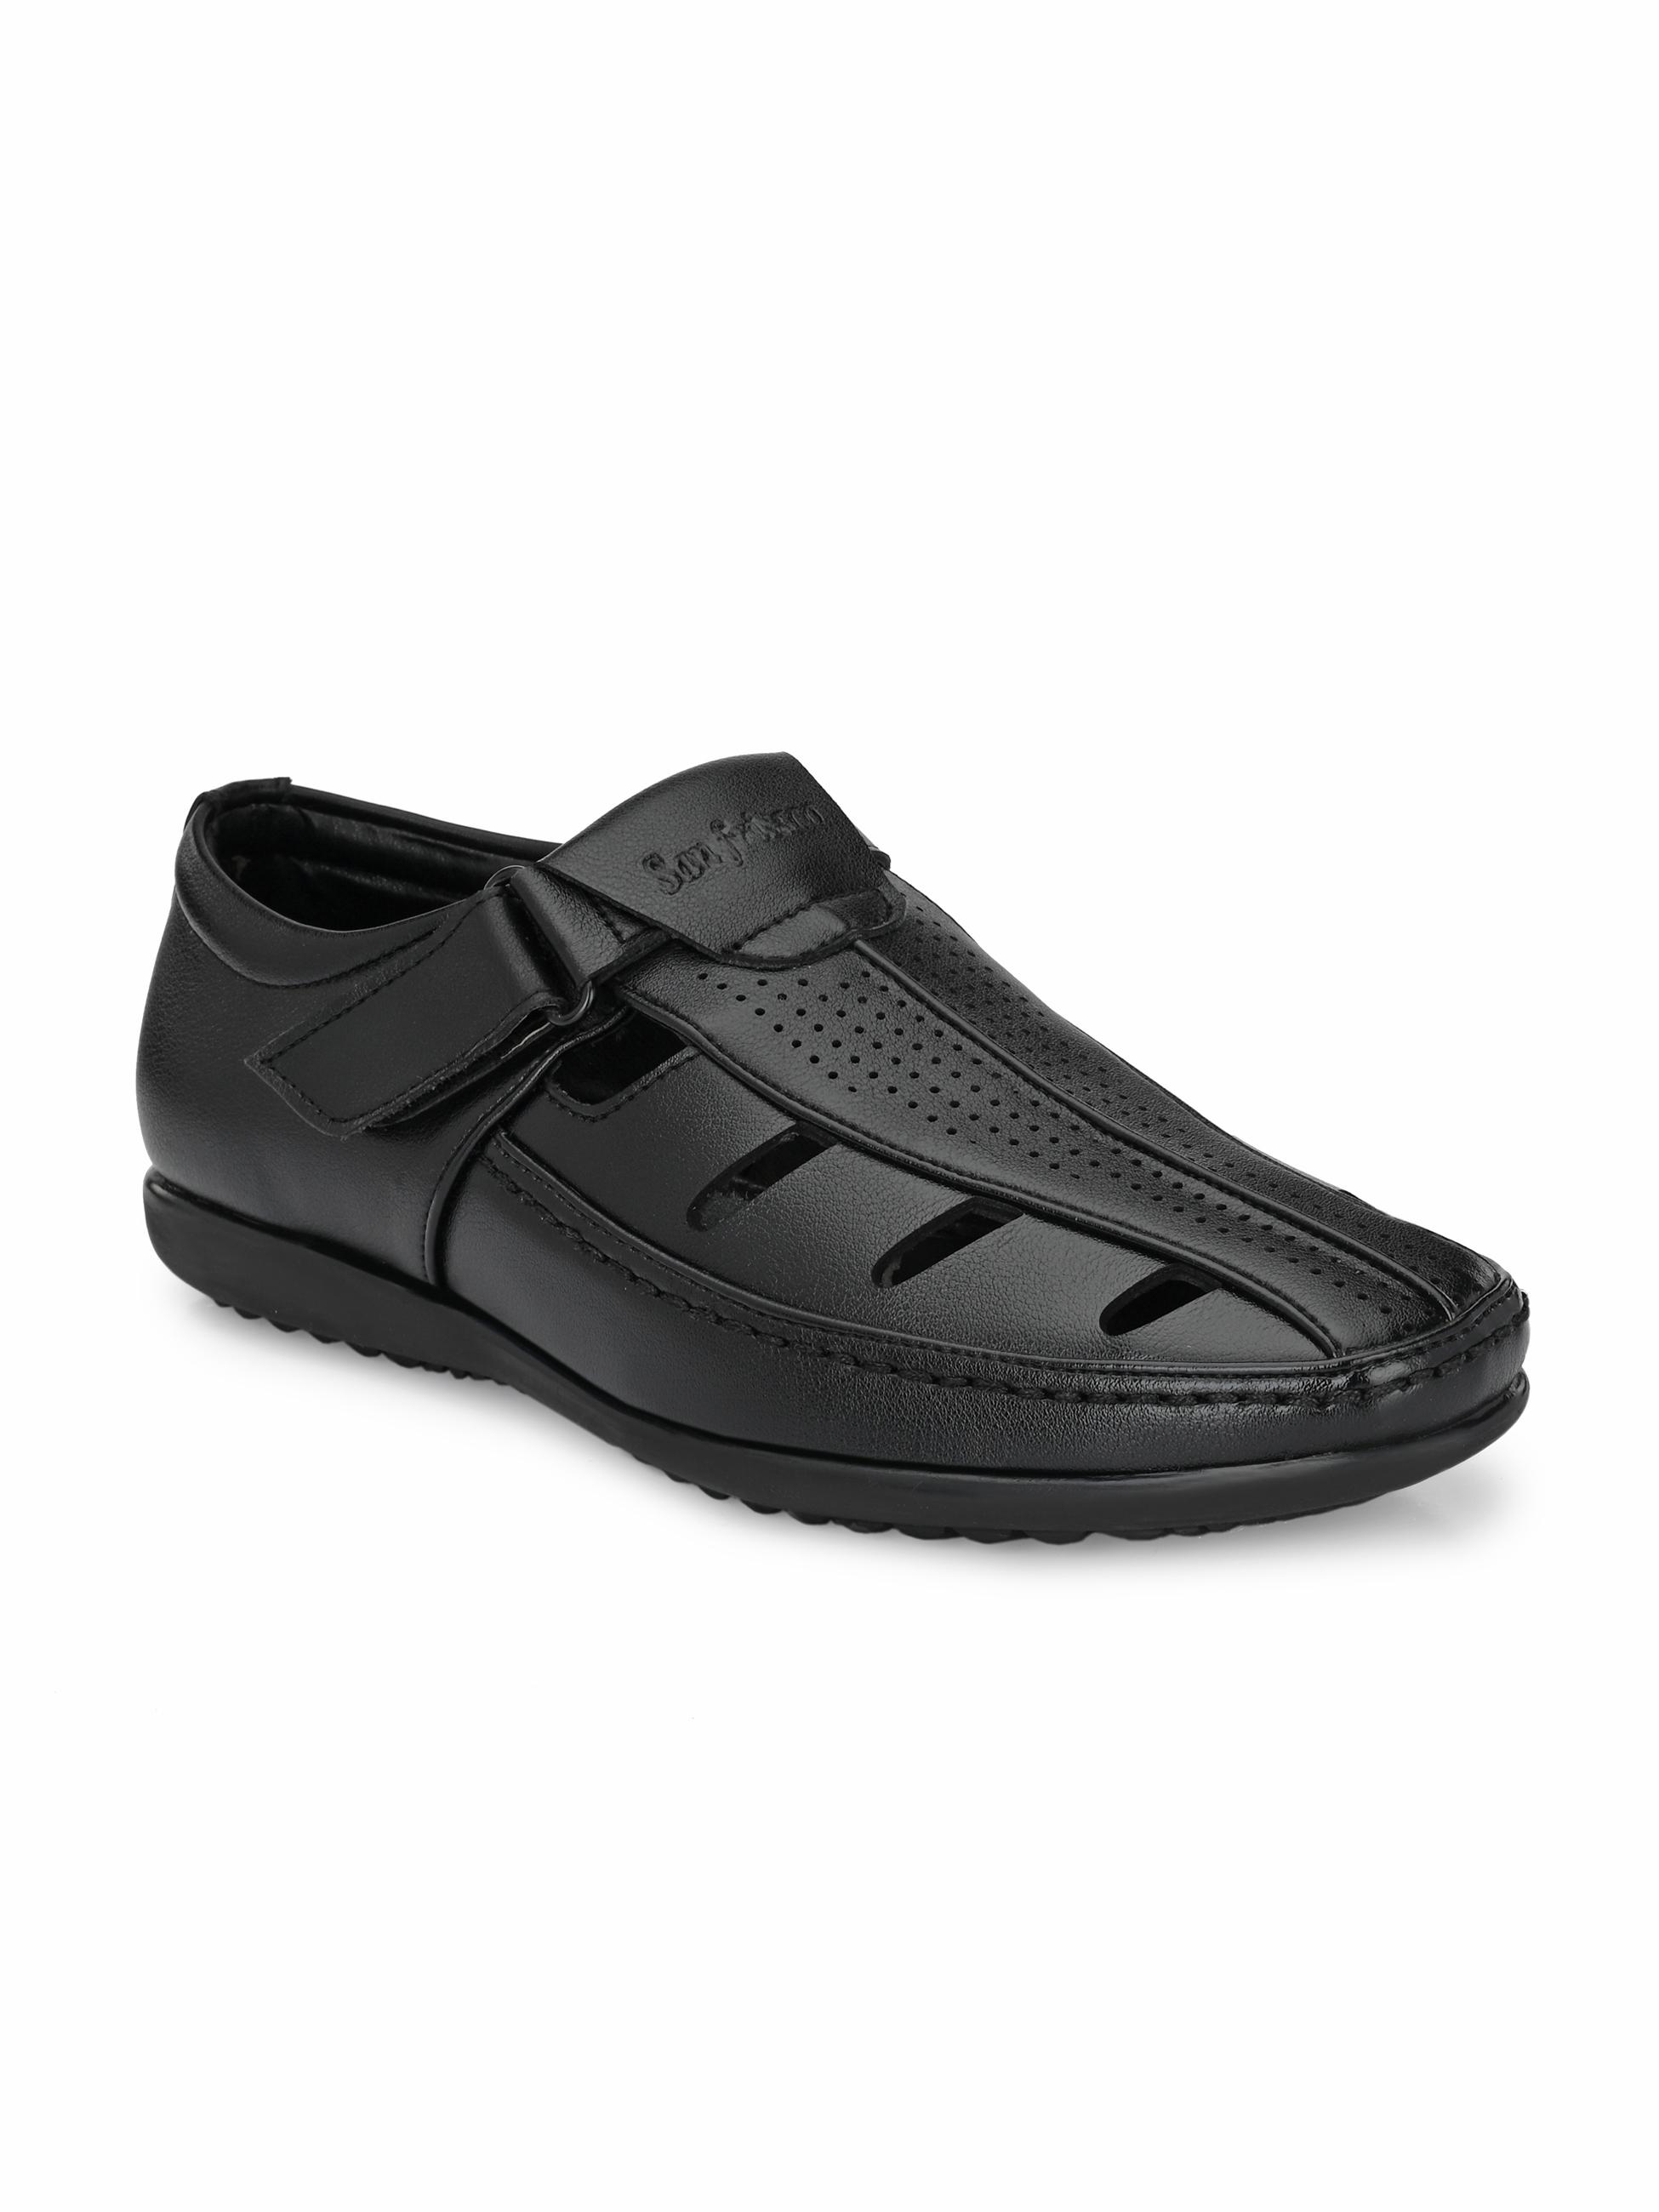 San Frissco | San Frissco Men's Faux Leather Zouk Black Sandals